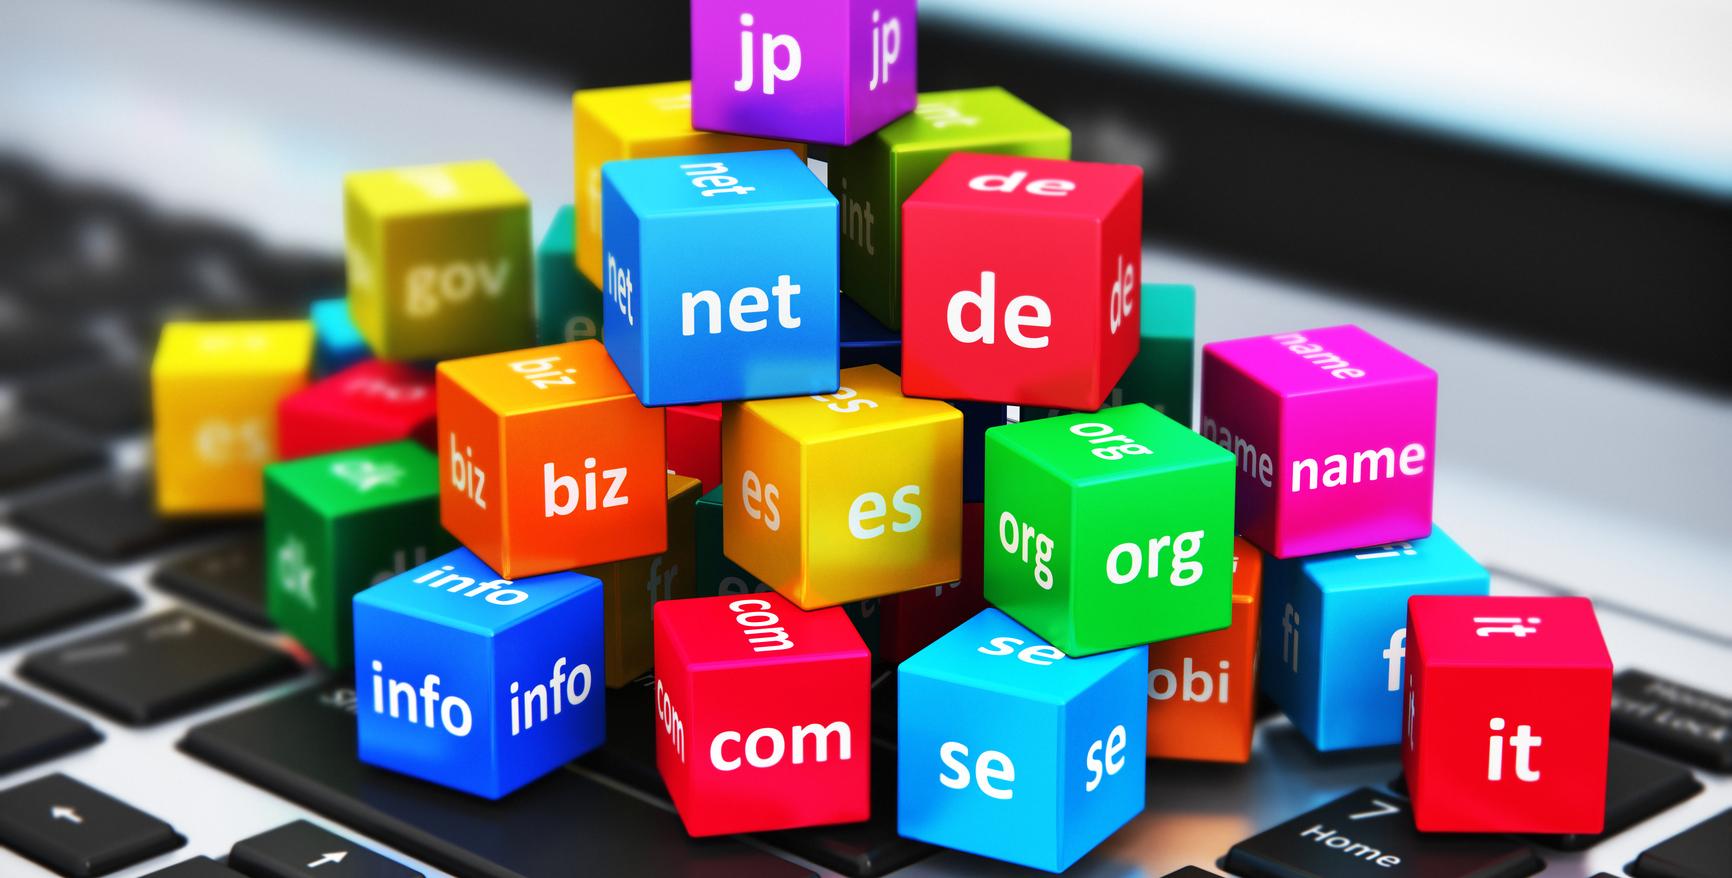 5 gợi ý giúp bạn chọn tên miền website phù hợp hiệu quả - Webdoctor.vn